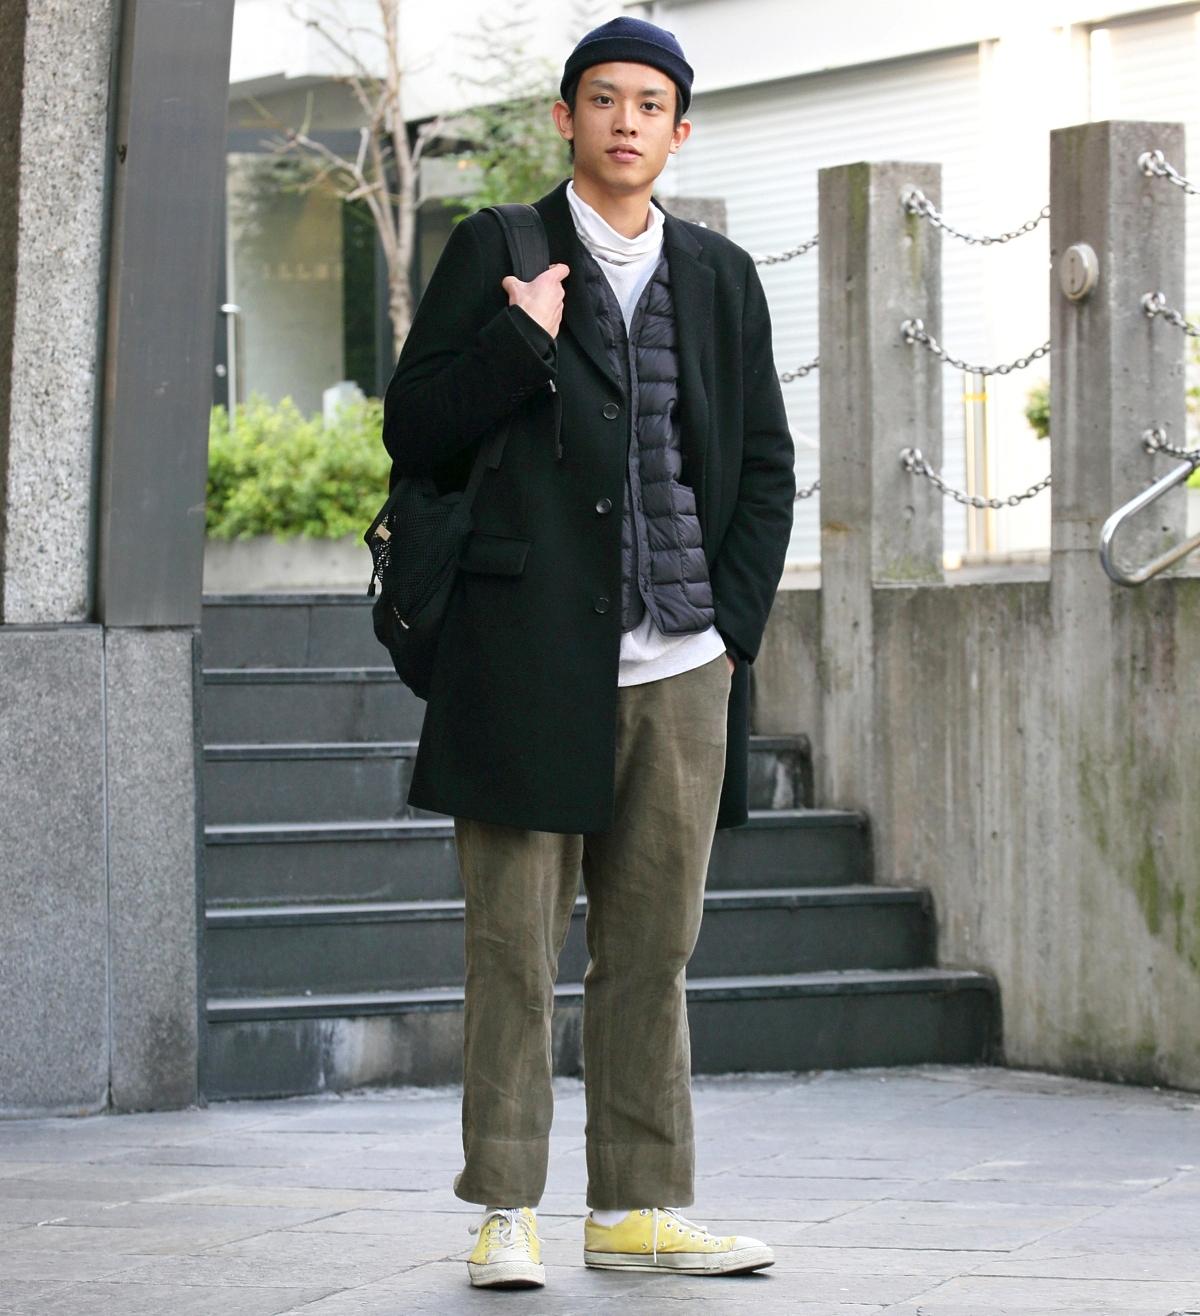 【SNAP JACK】<br />ダークトーンにポップな挿し色が今冬の気分♪<br />井川 勇くん・明治大学